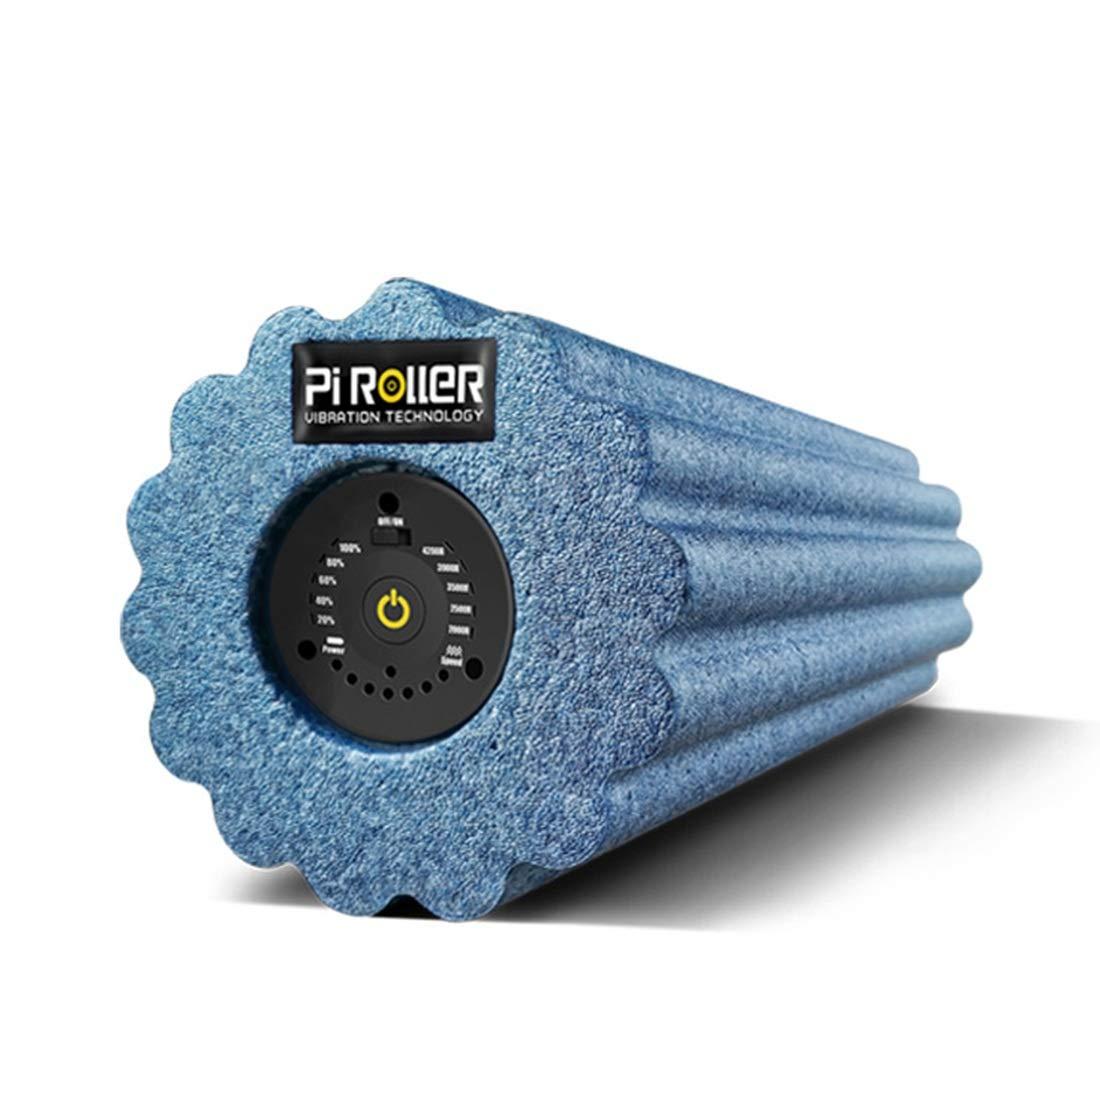 PUWENYCC 5 Geschwindigkeits-elektrische Erschütterungs-Schaum-Schaft-Yoga-Spalten-Rolle blaues königsblaues hohes EPP 2-6 Stunden tiefes Gewebe-Massager für Sport-Massage-Therapie